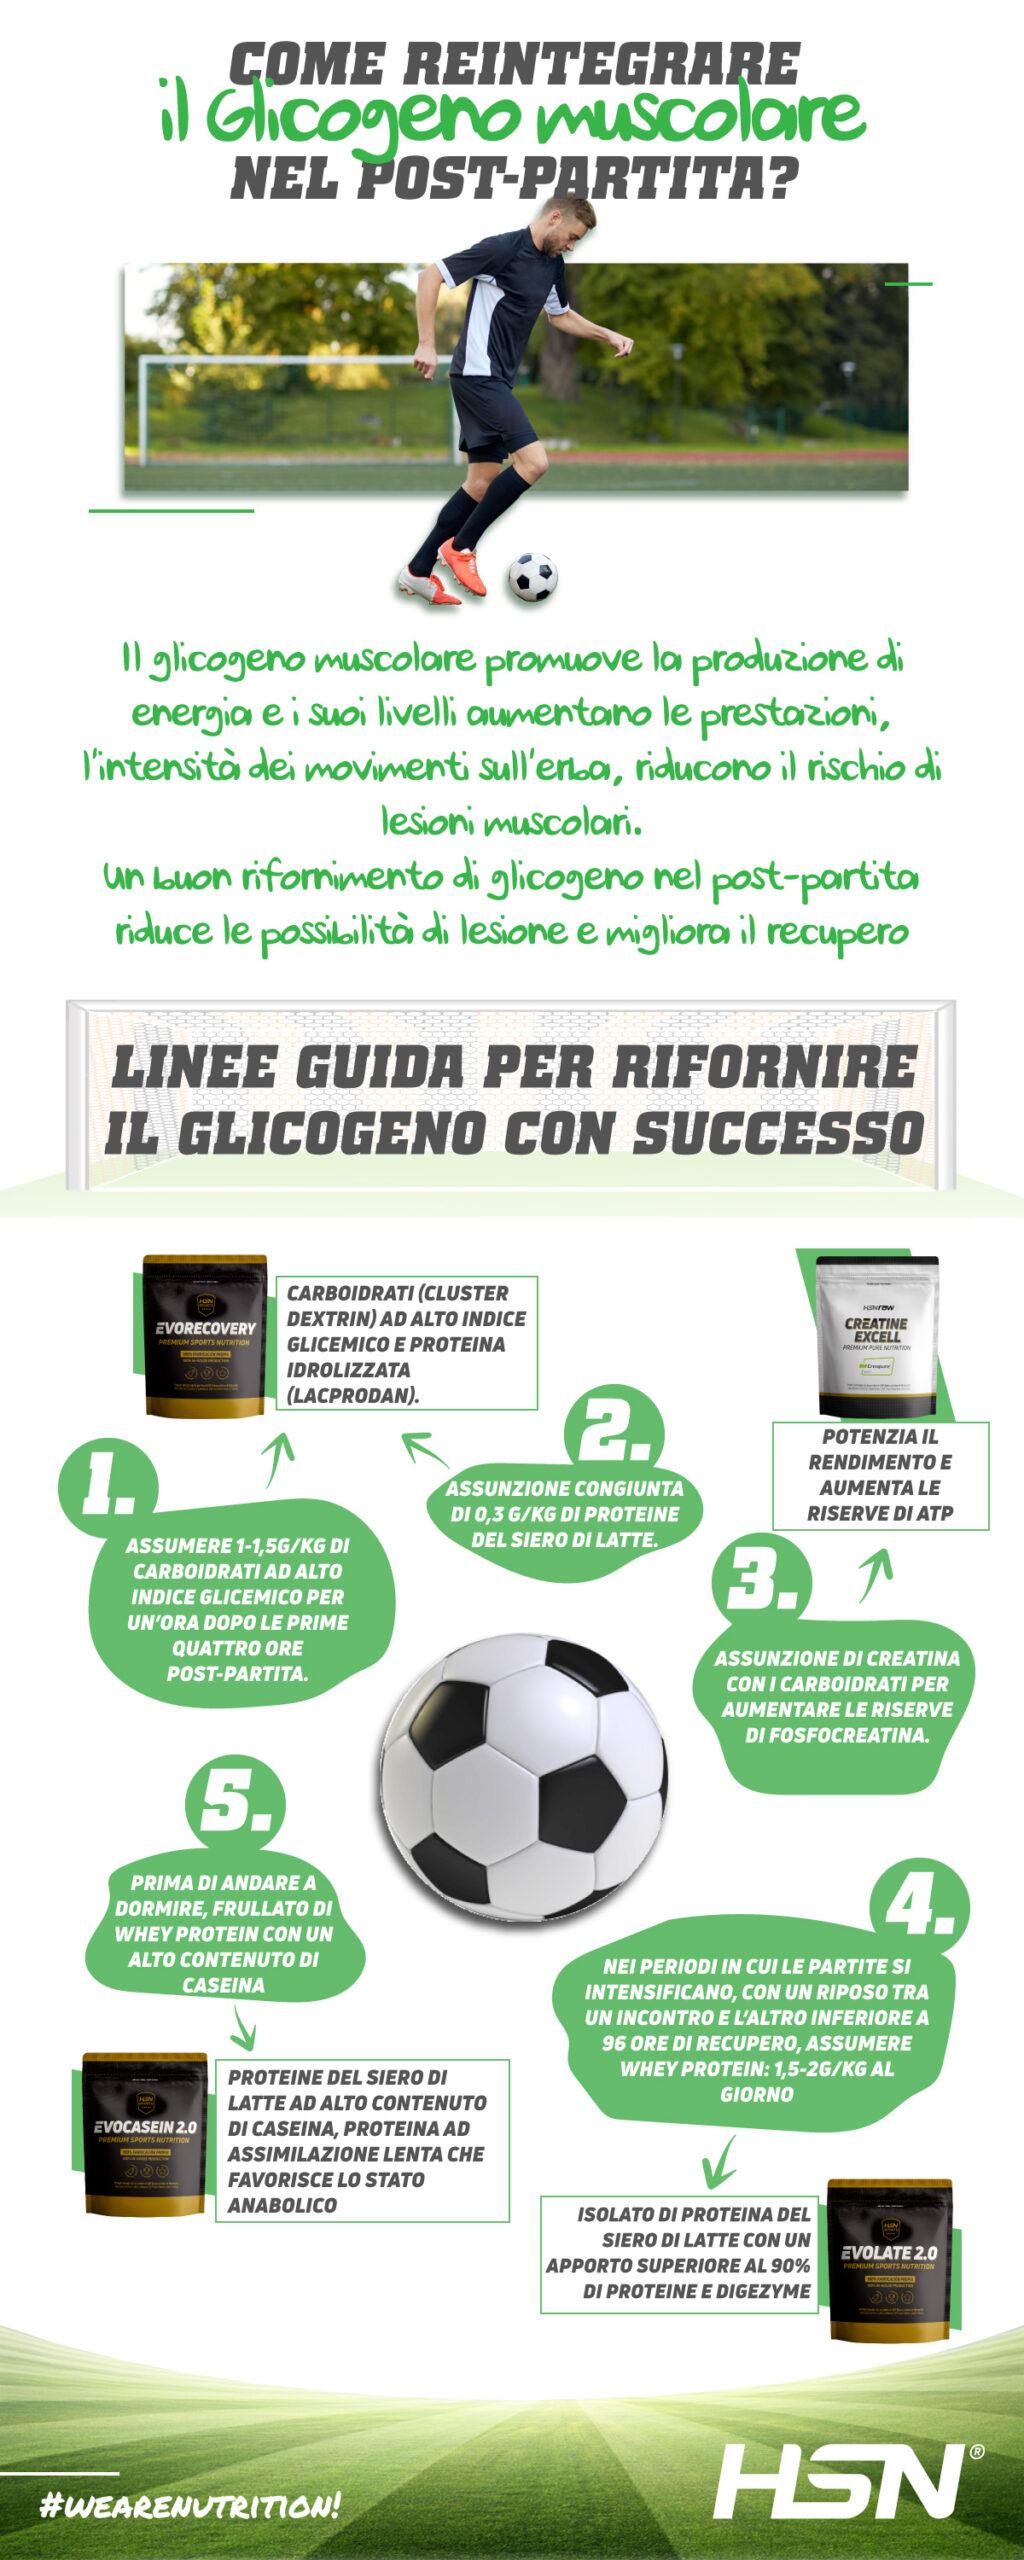 Come reintegrare il glicogeno nel calcio dopo una partita?